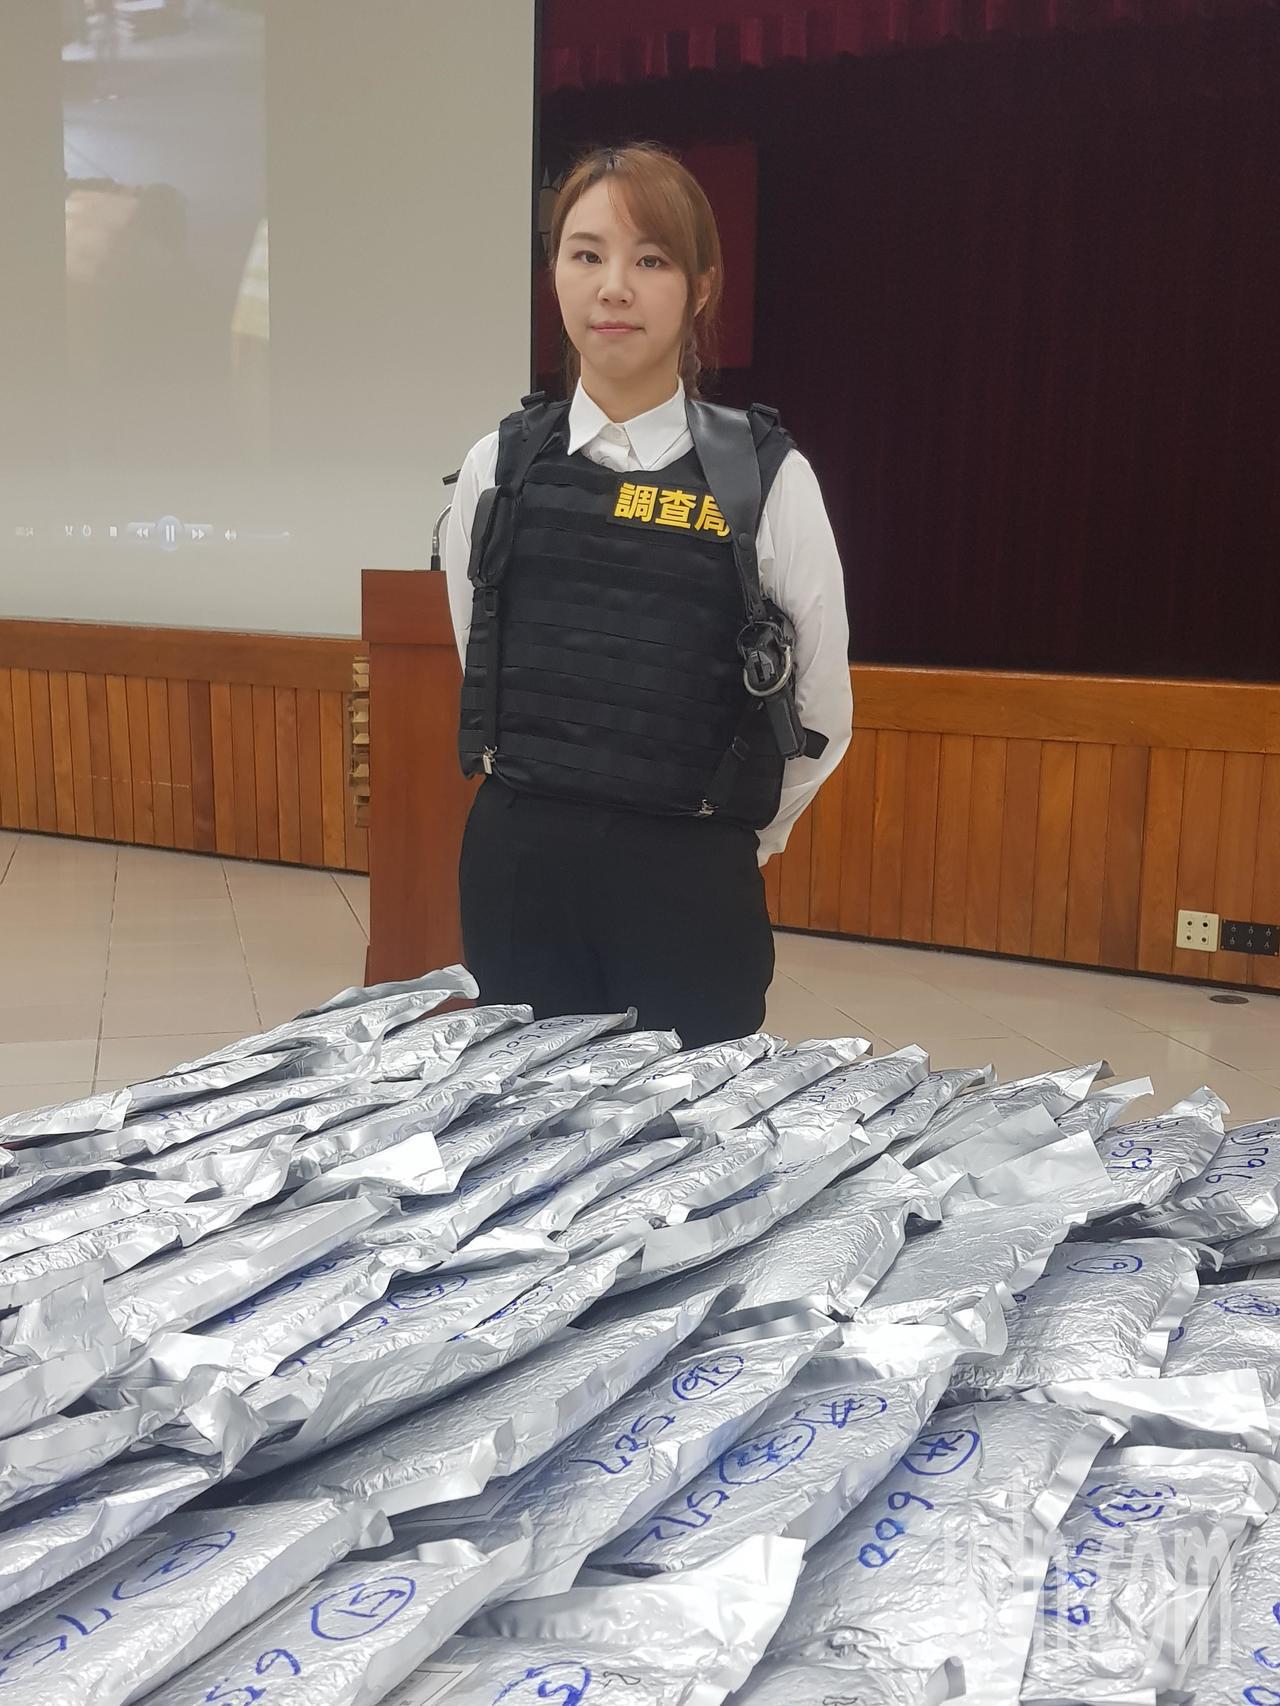 台北市調查處美女調查官羅邦瑜展示新型防彈背心。記者張宏業/攝影